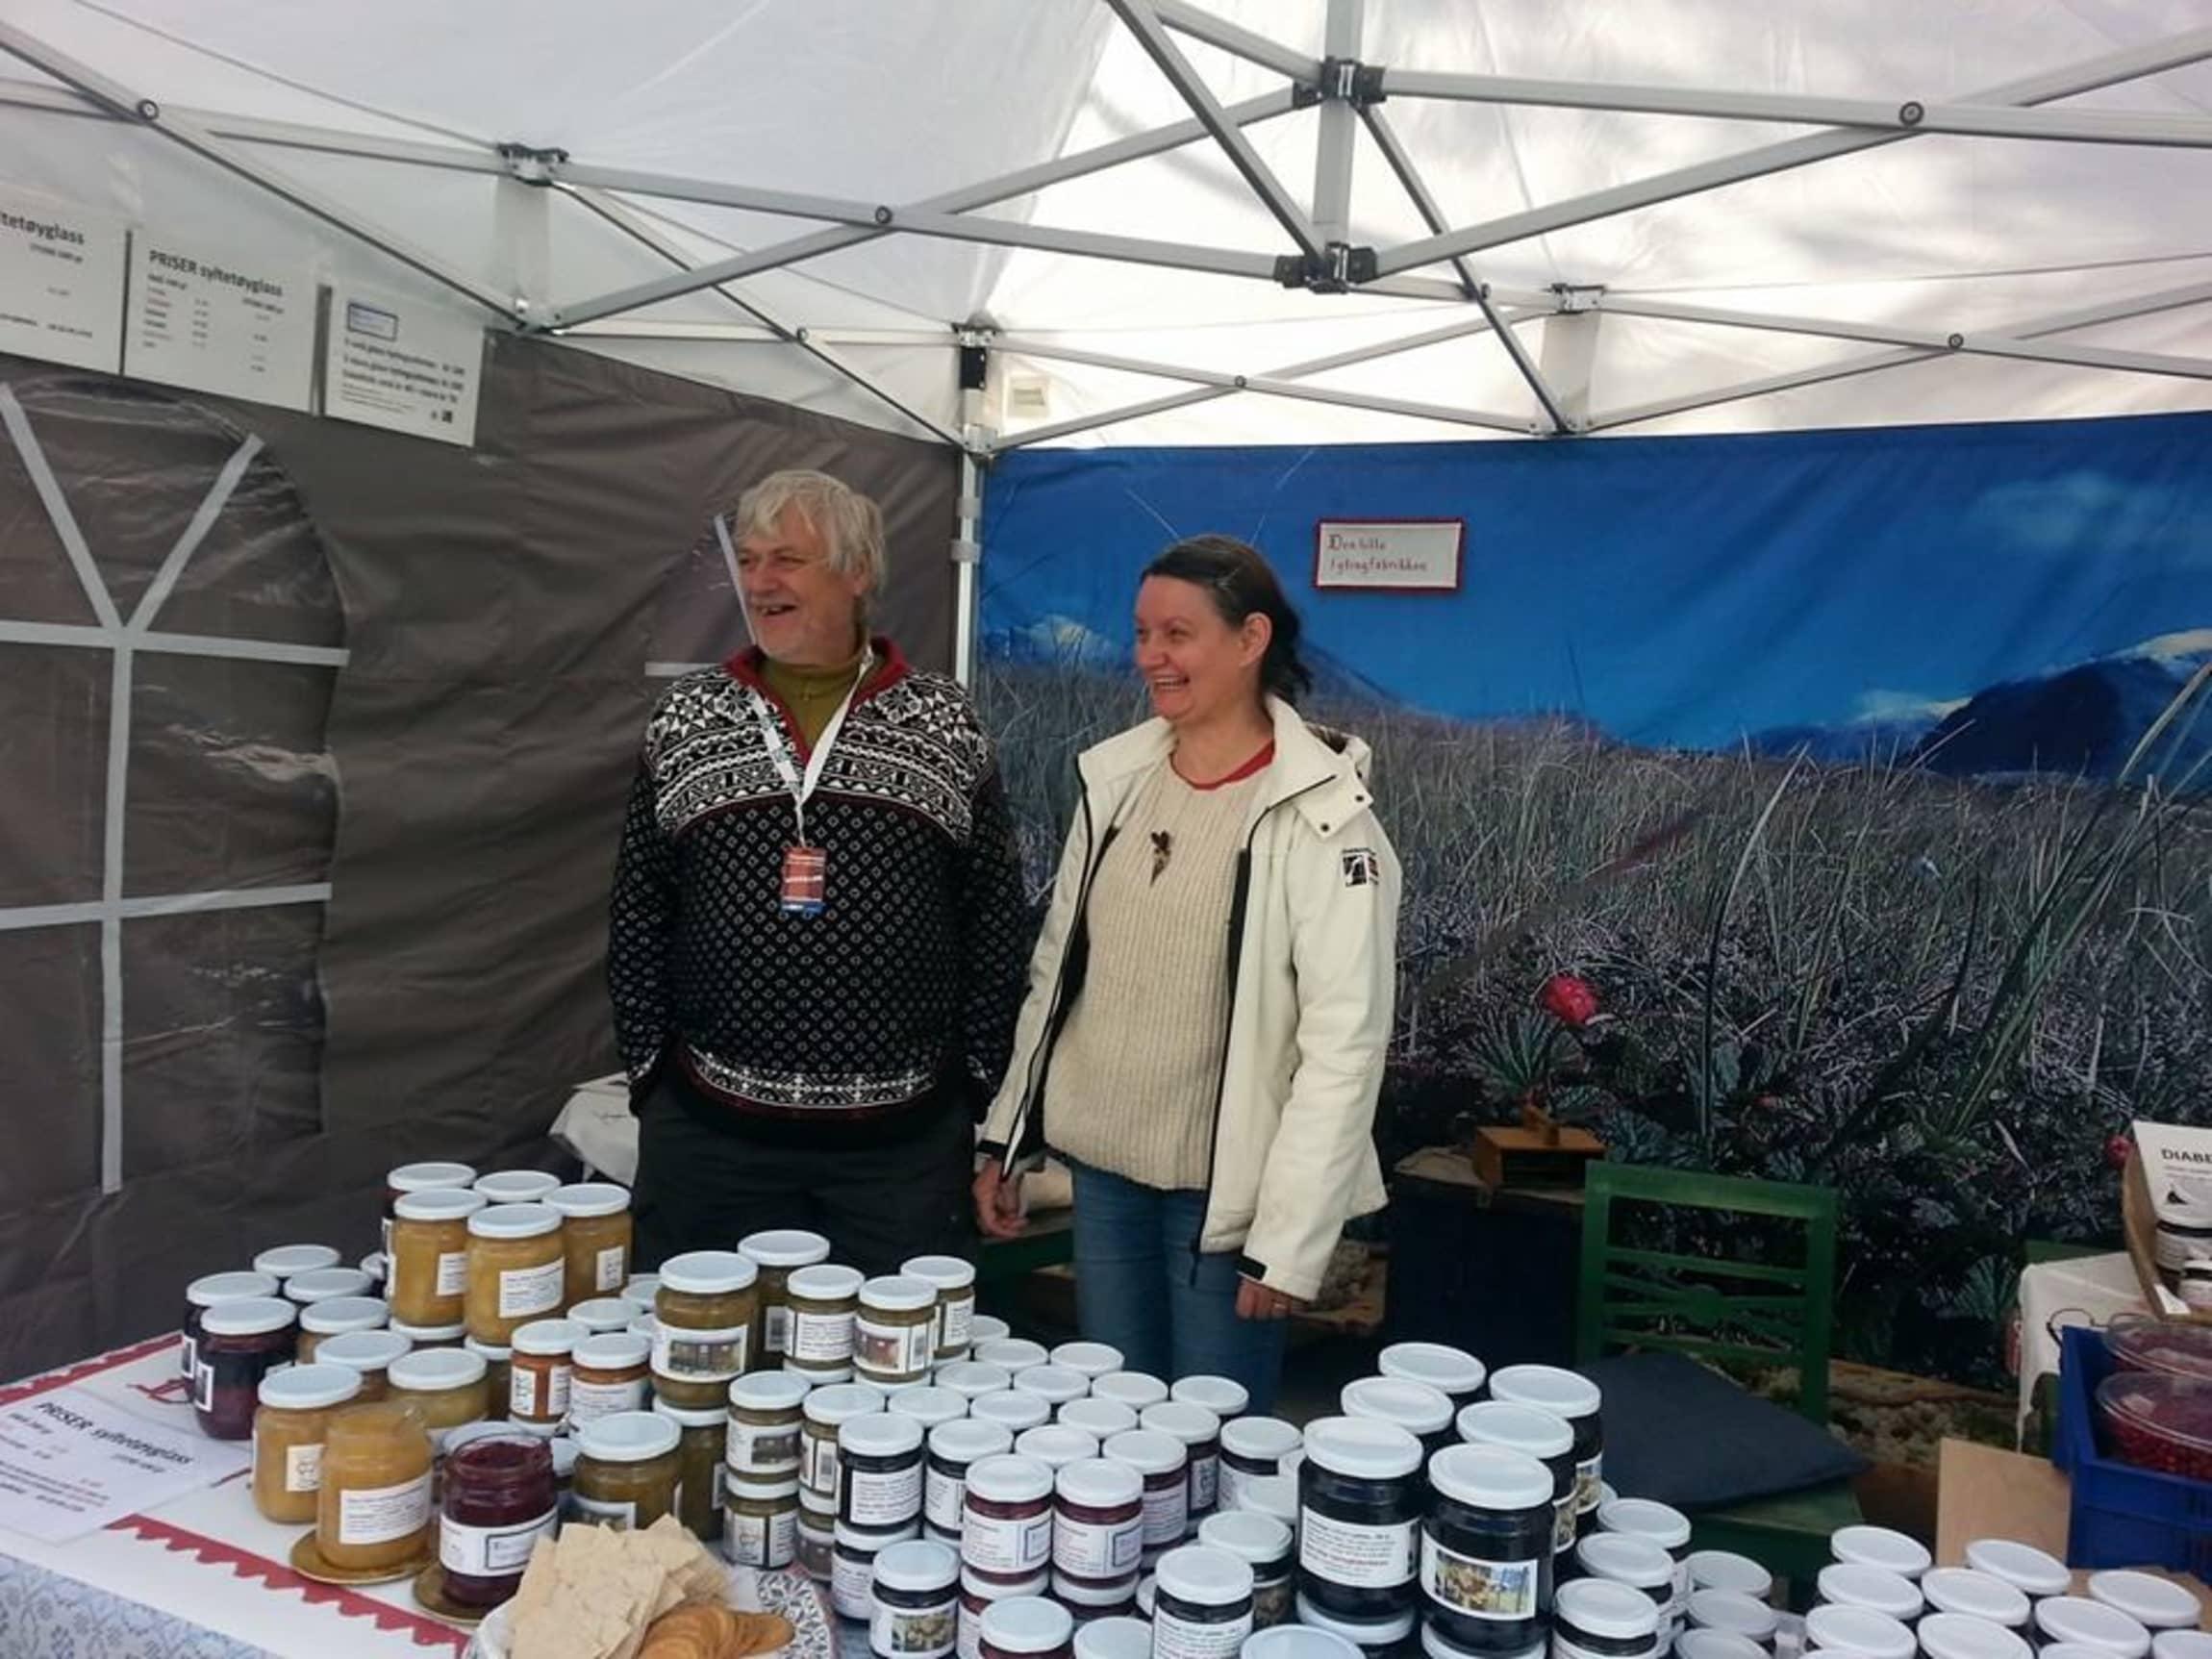 Solveig Nymoen og Leif Ola Rønningen lager tradisjonelt syltetøy av selvplukkede bær.